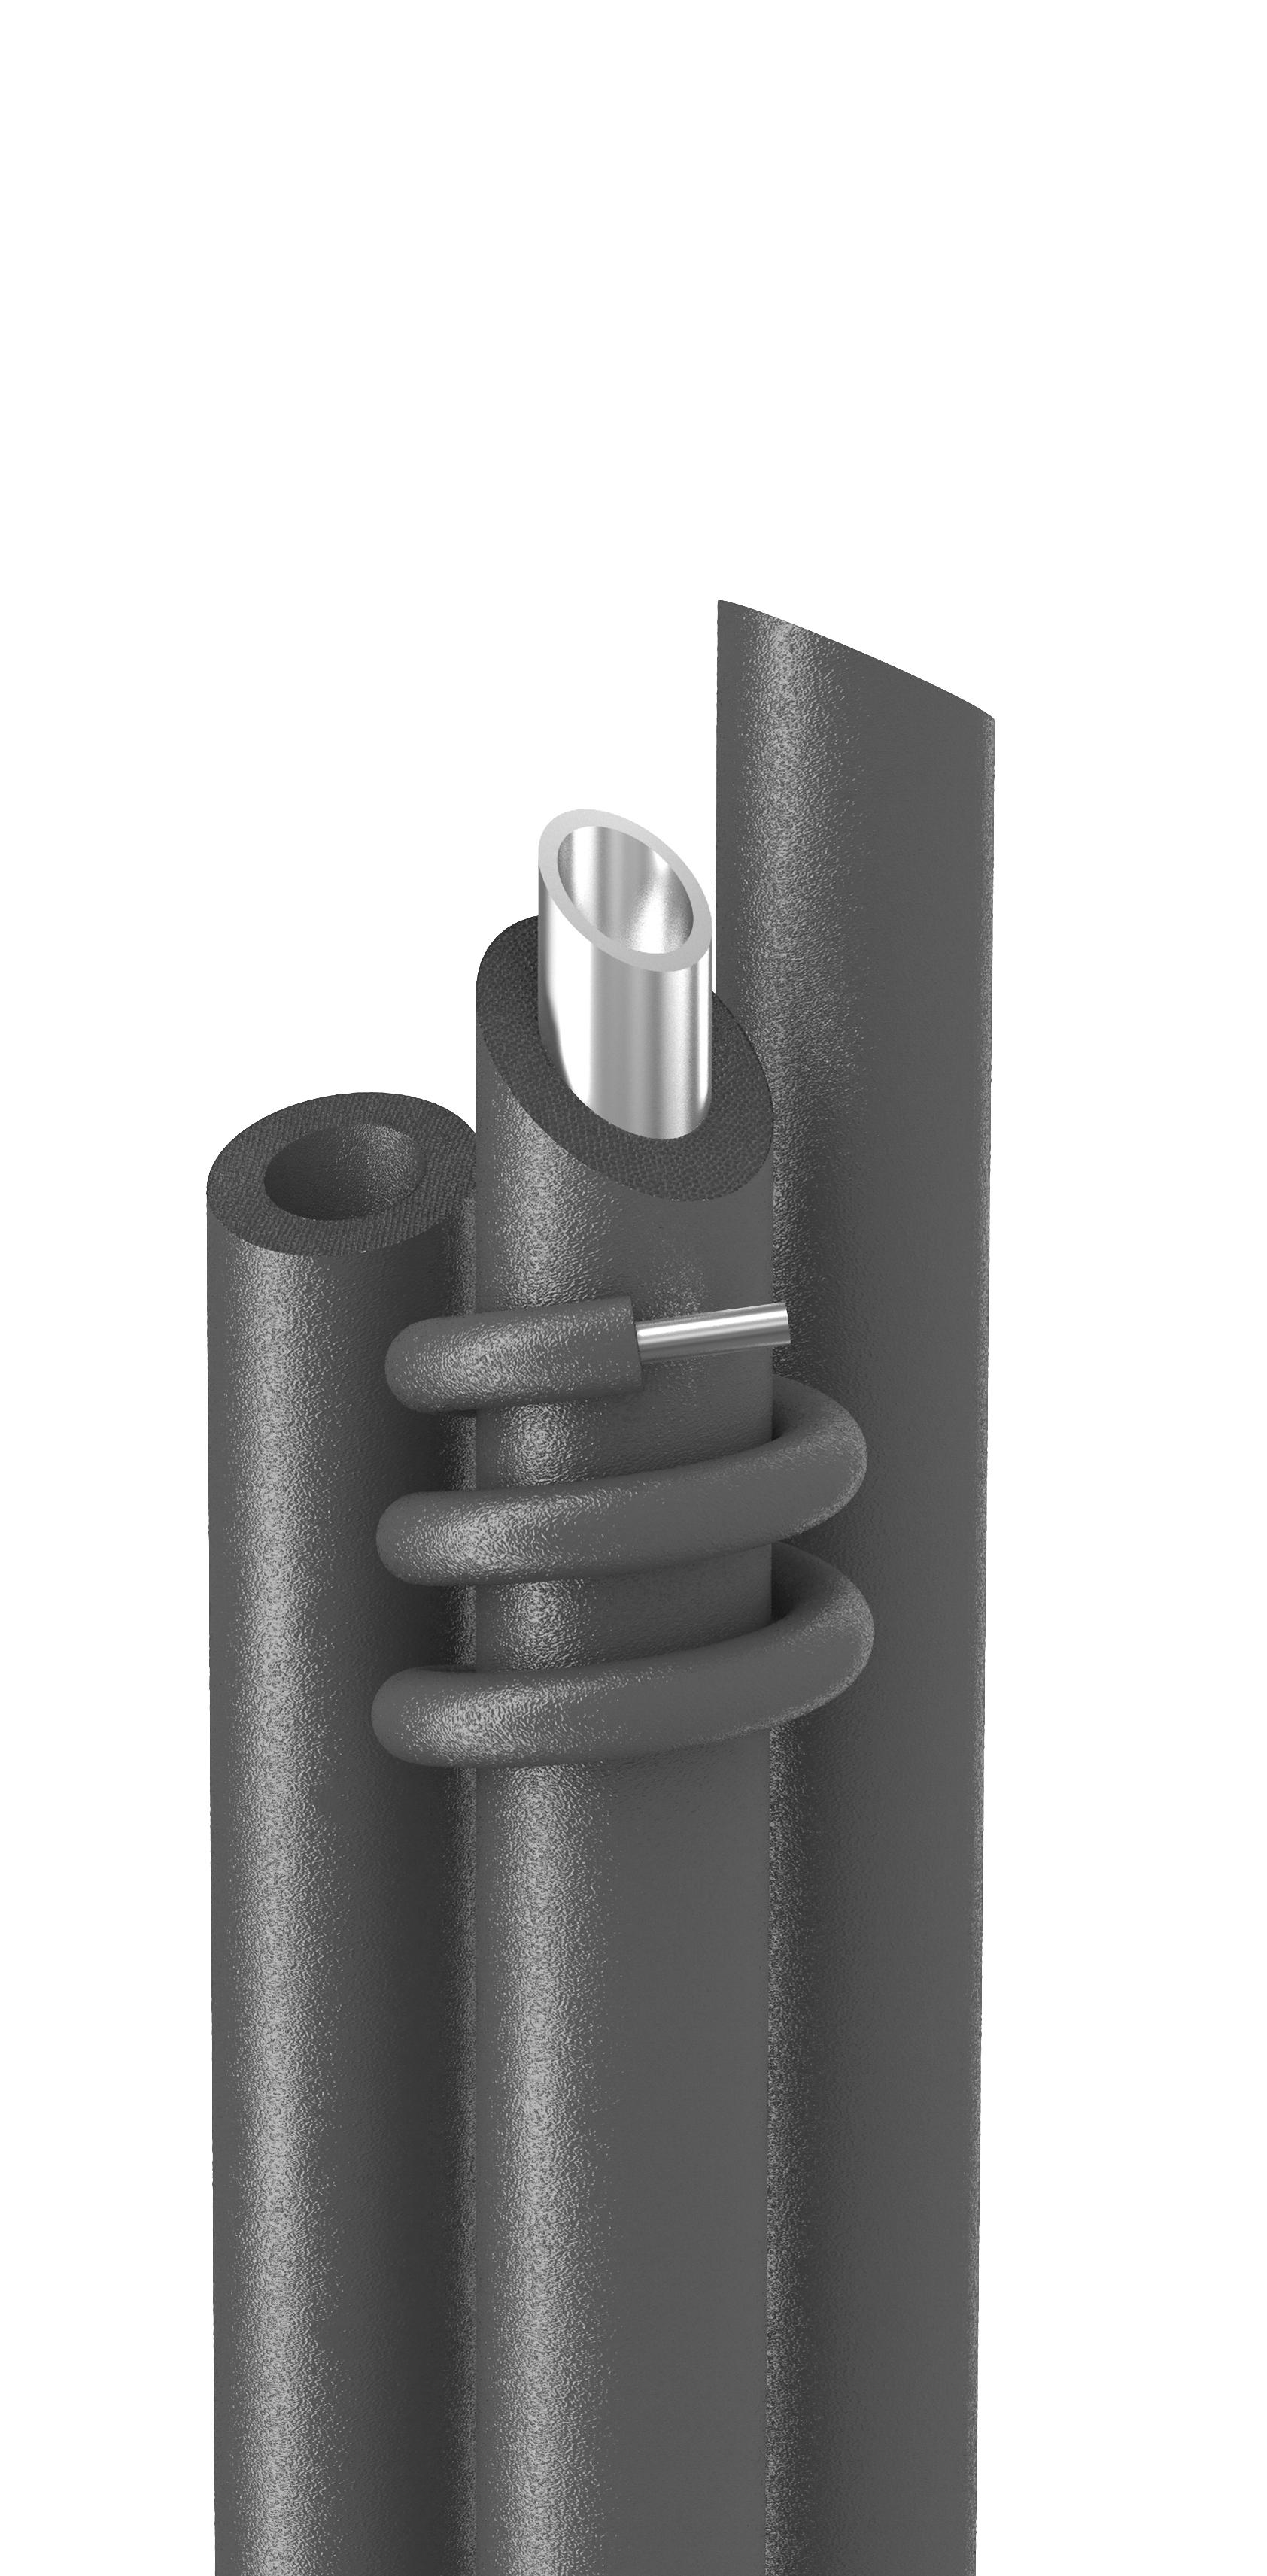 Трубки Energoflex толщ.9мм диам.42